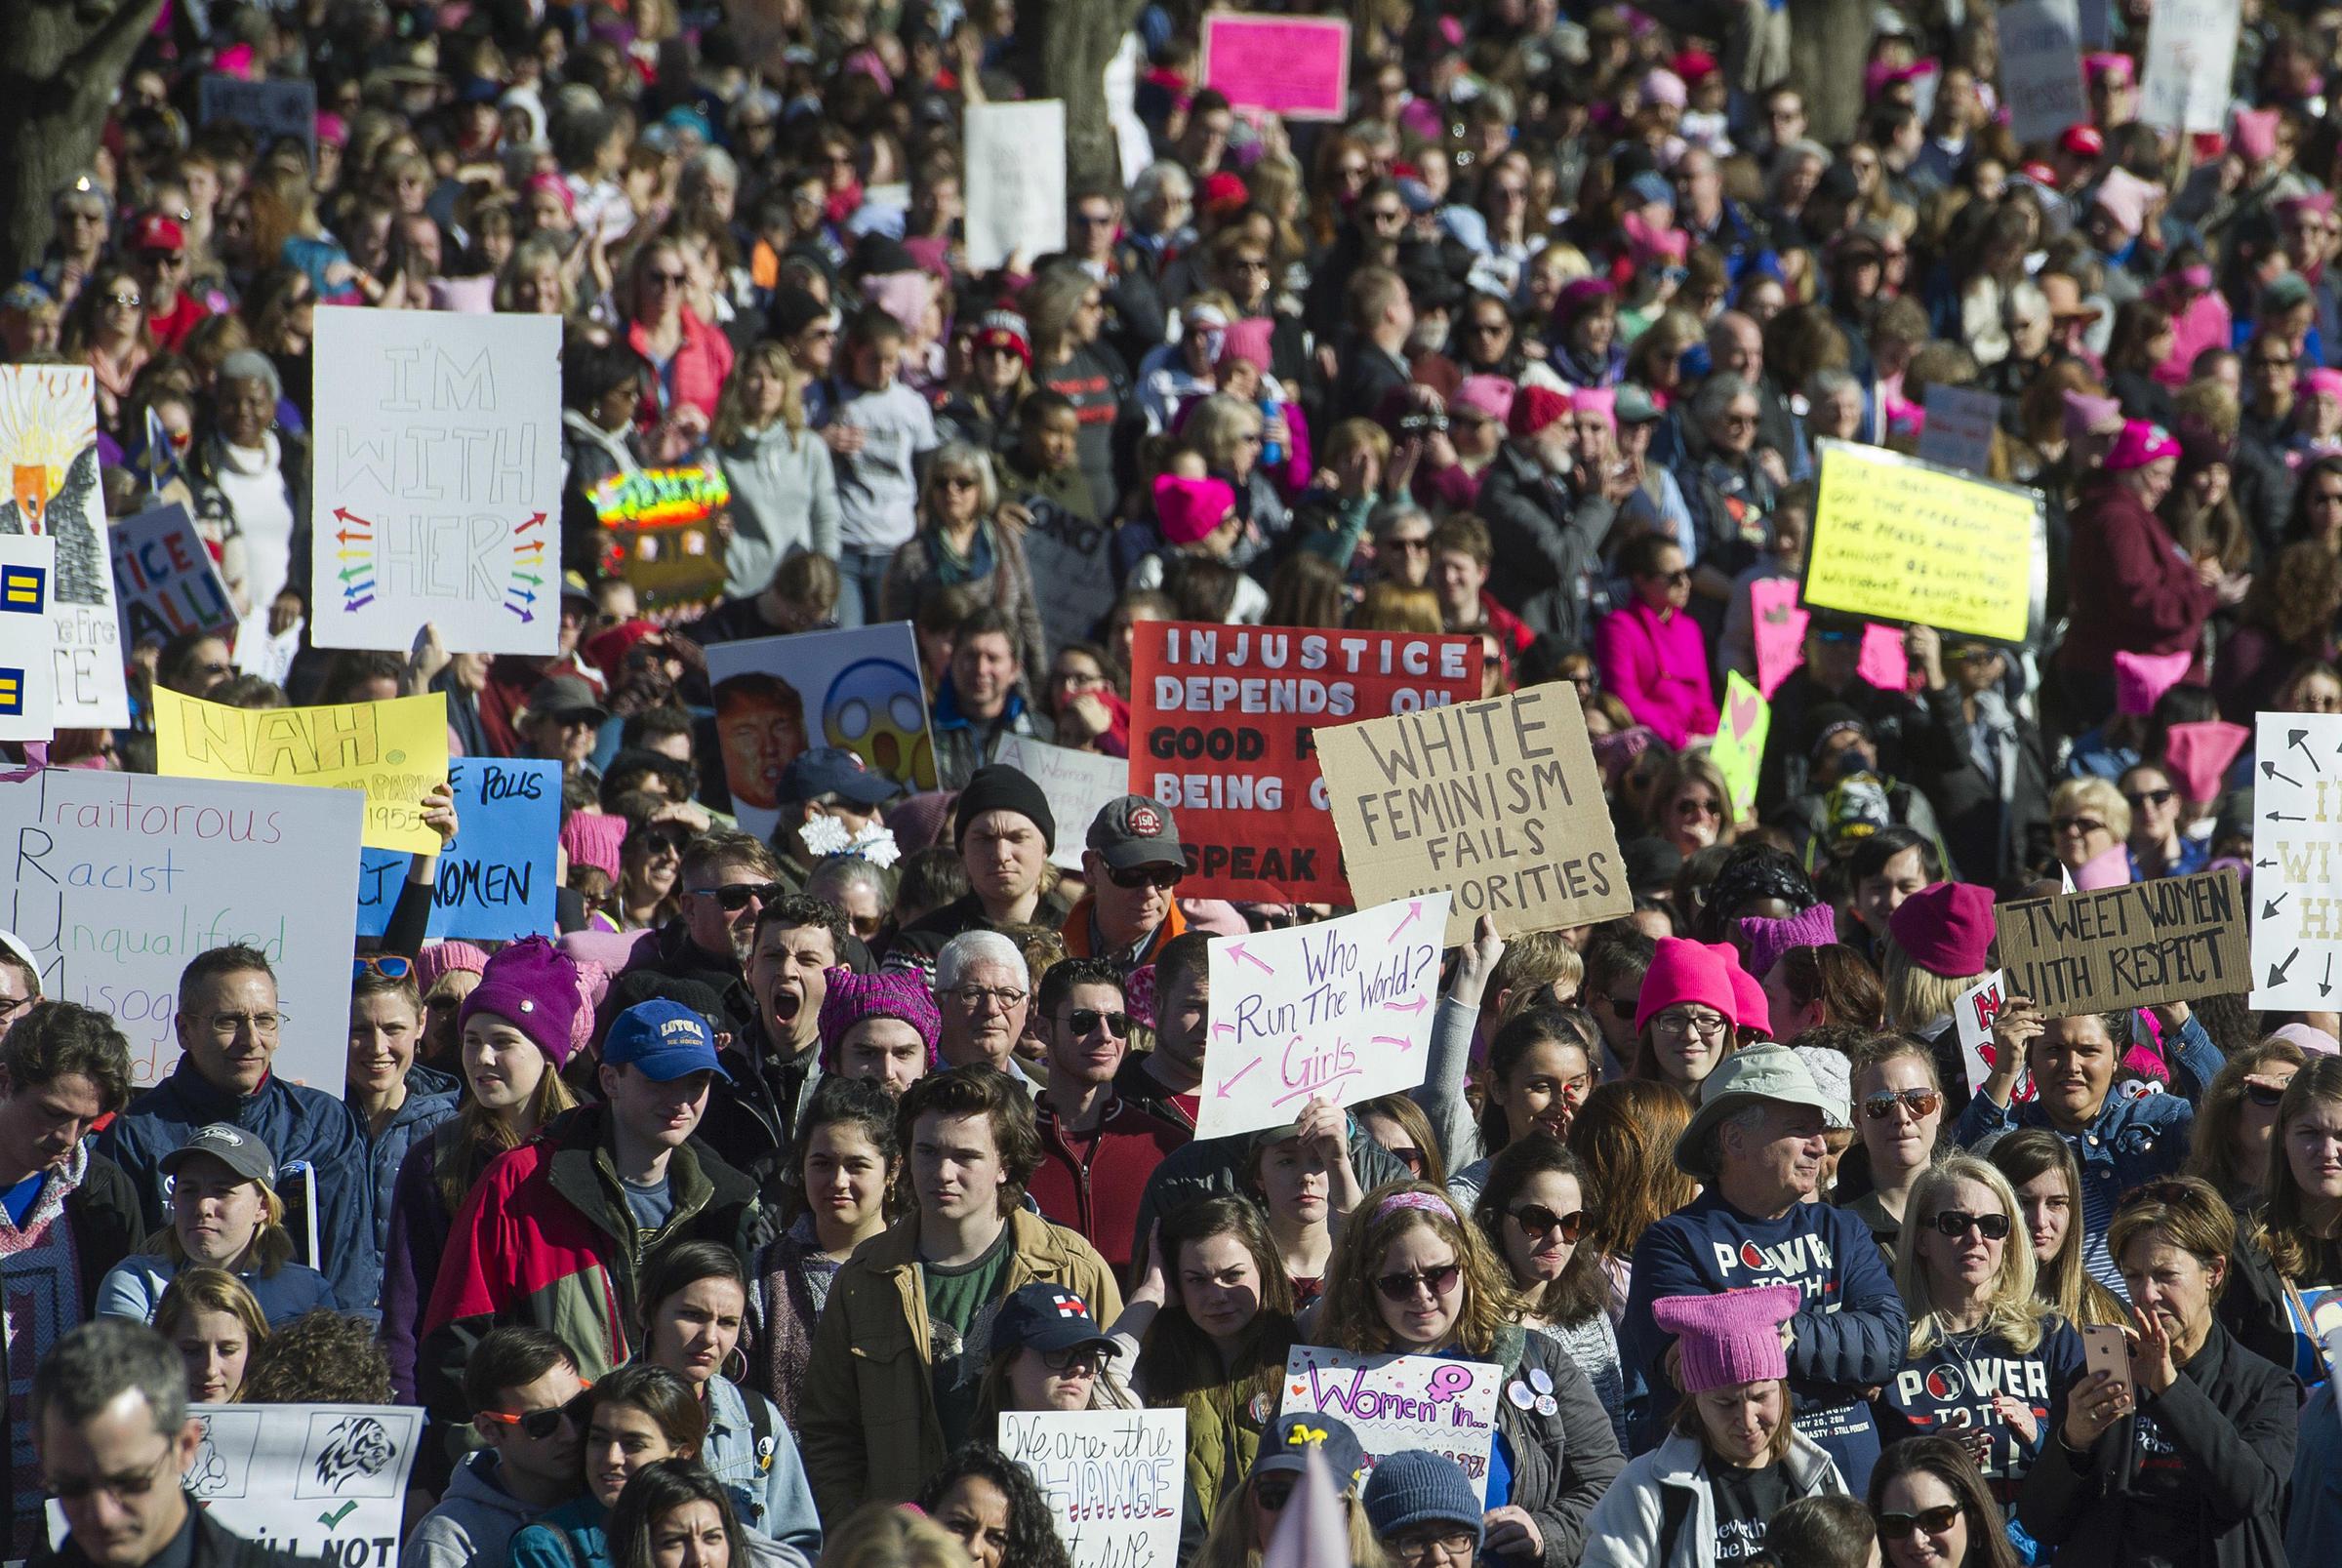 Still Pretty Damn Mad Protesters Unite In Second Annual